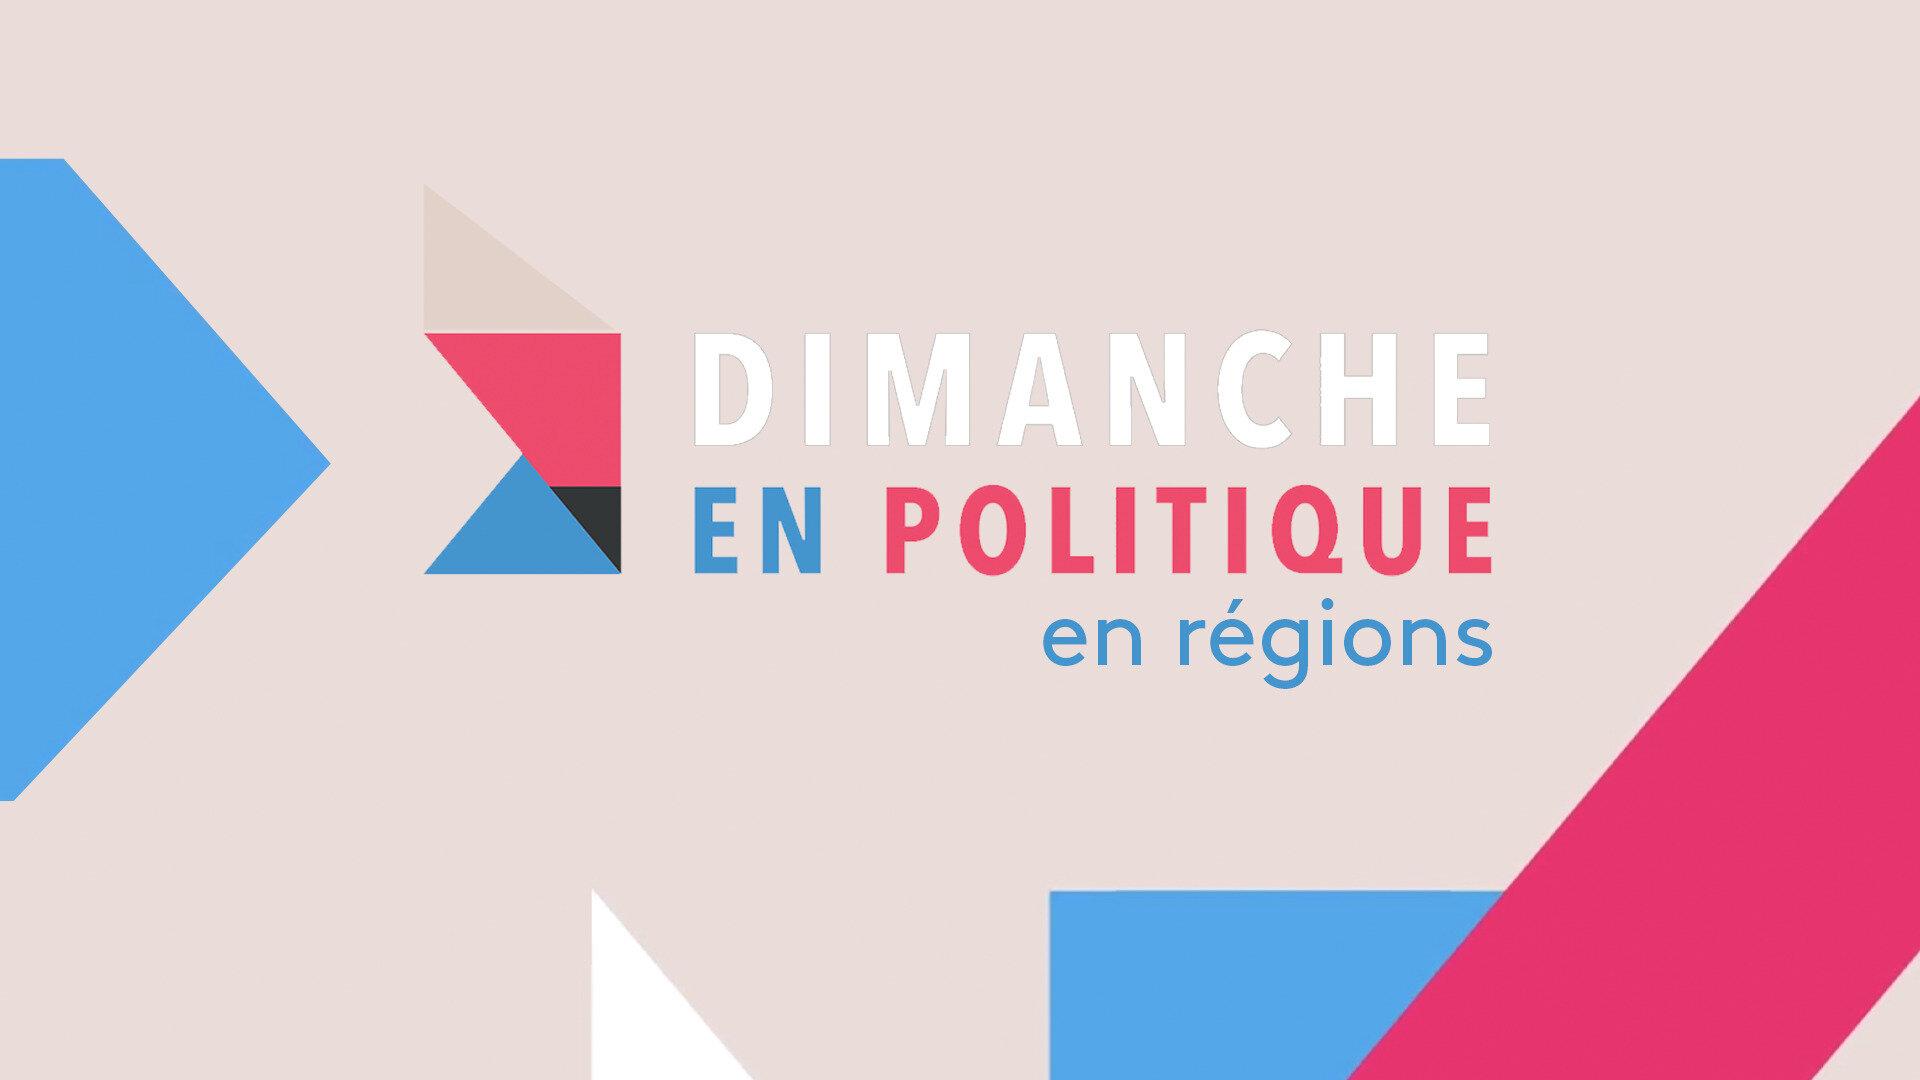 Dimanche en politique en régions : Appellations, la solution ?